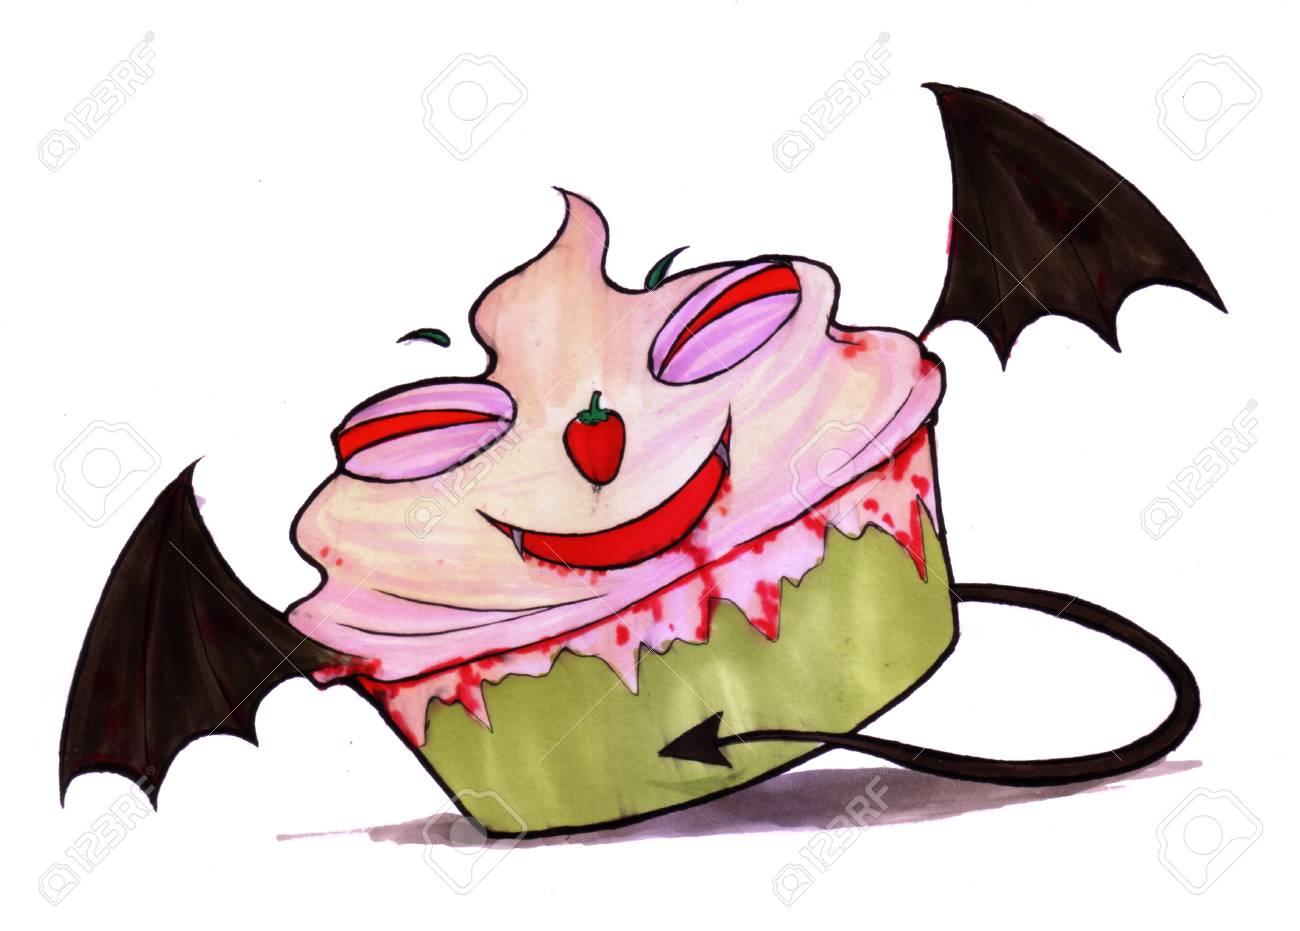 Dessin De Couleur De Dessert Fantome Coupe Du Diable Gateau De La Nuit D Halloween Trick Or Treat Dessin De Dessin Anime Isole Sur Fond Blanc Pour